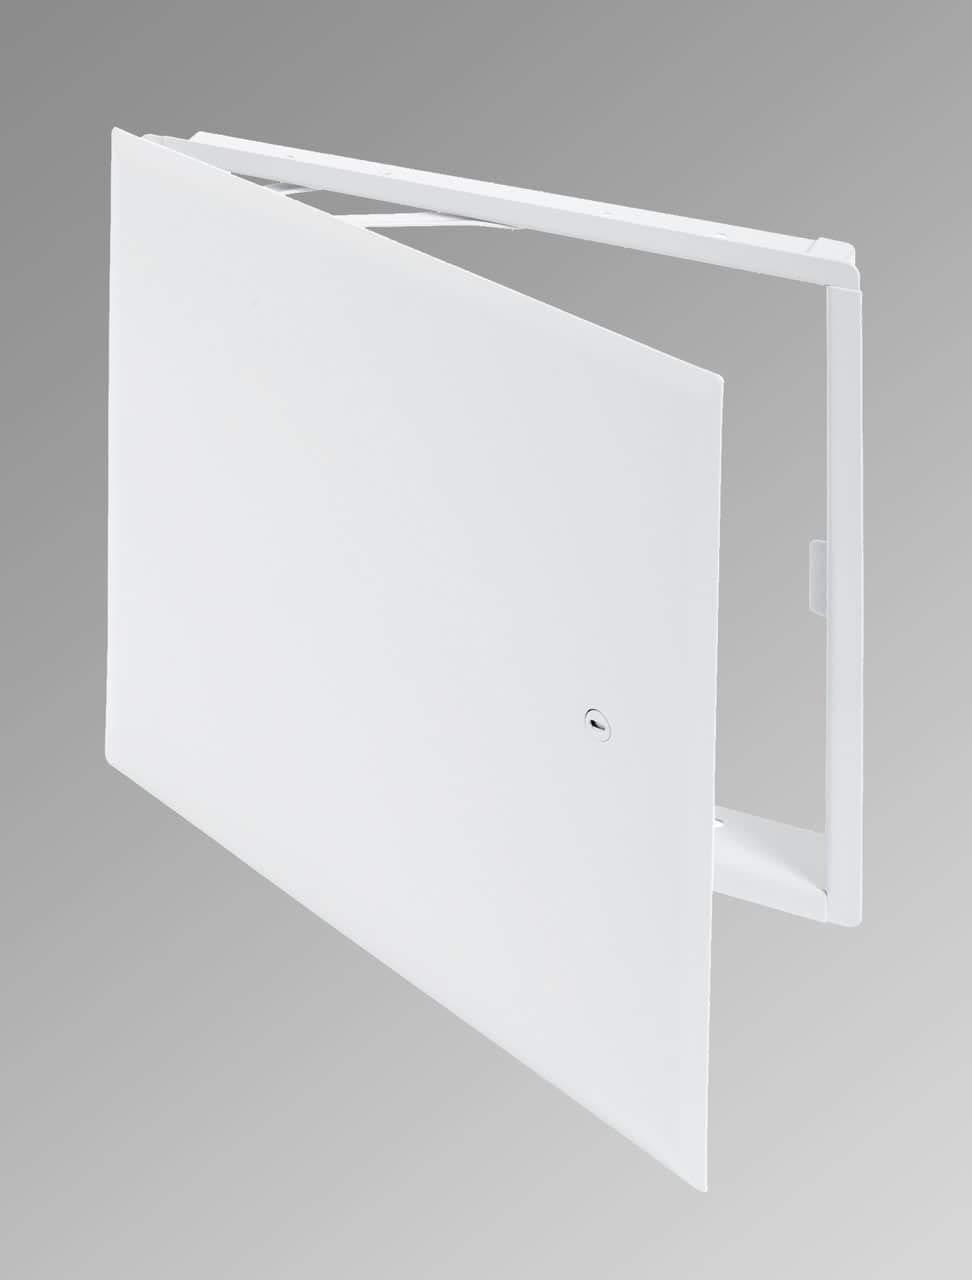 Best - 12'' x 18'' Aesthetic Access Door with Hidden Flange by Best Access Doors